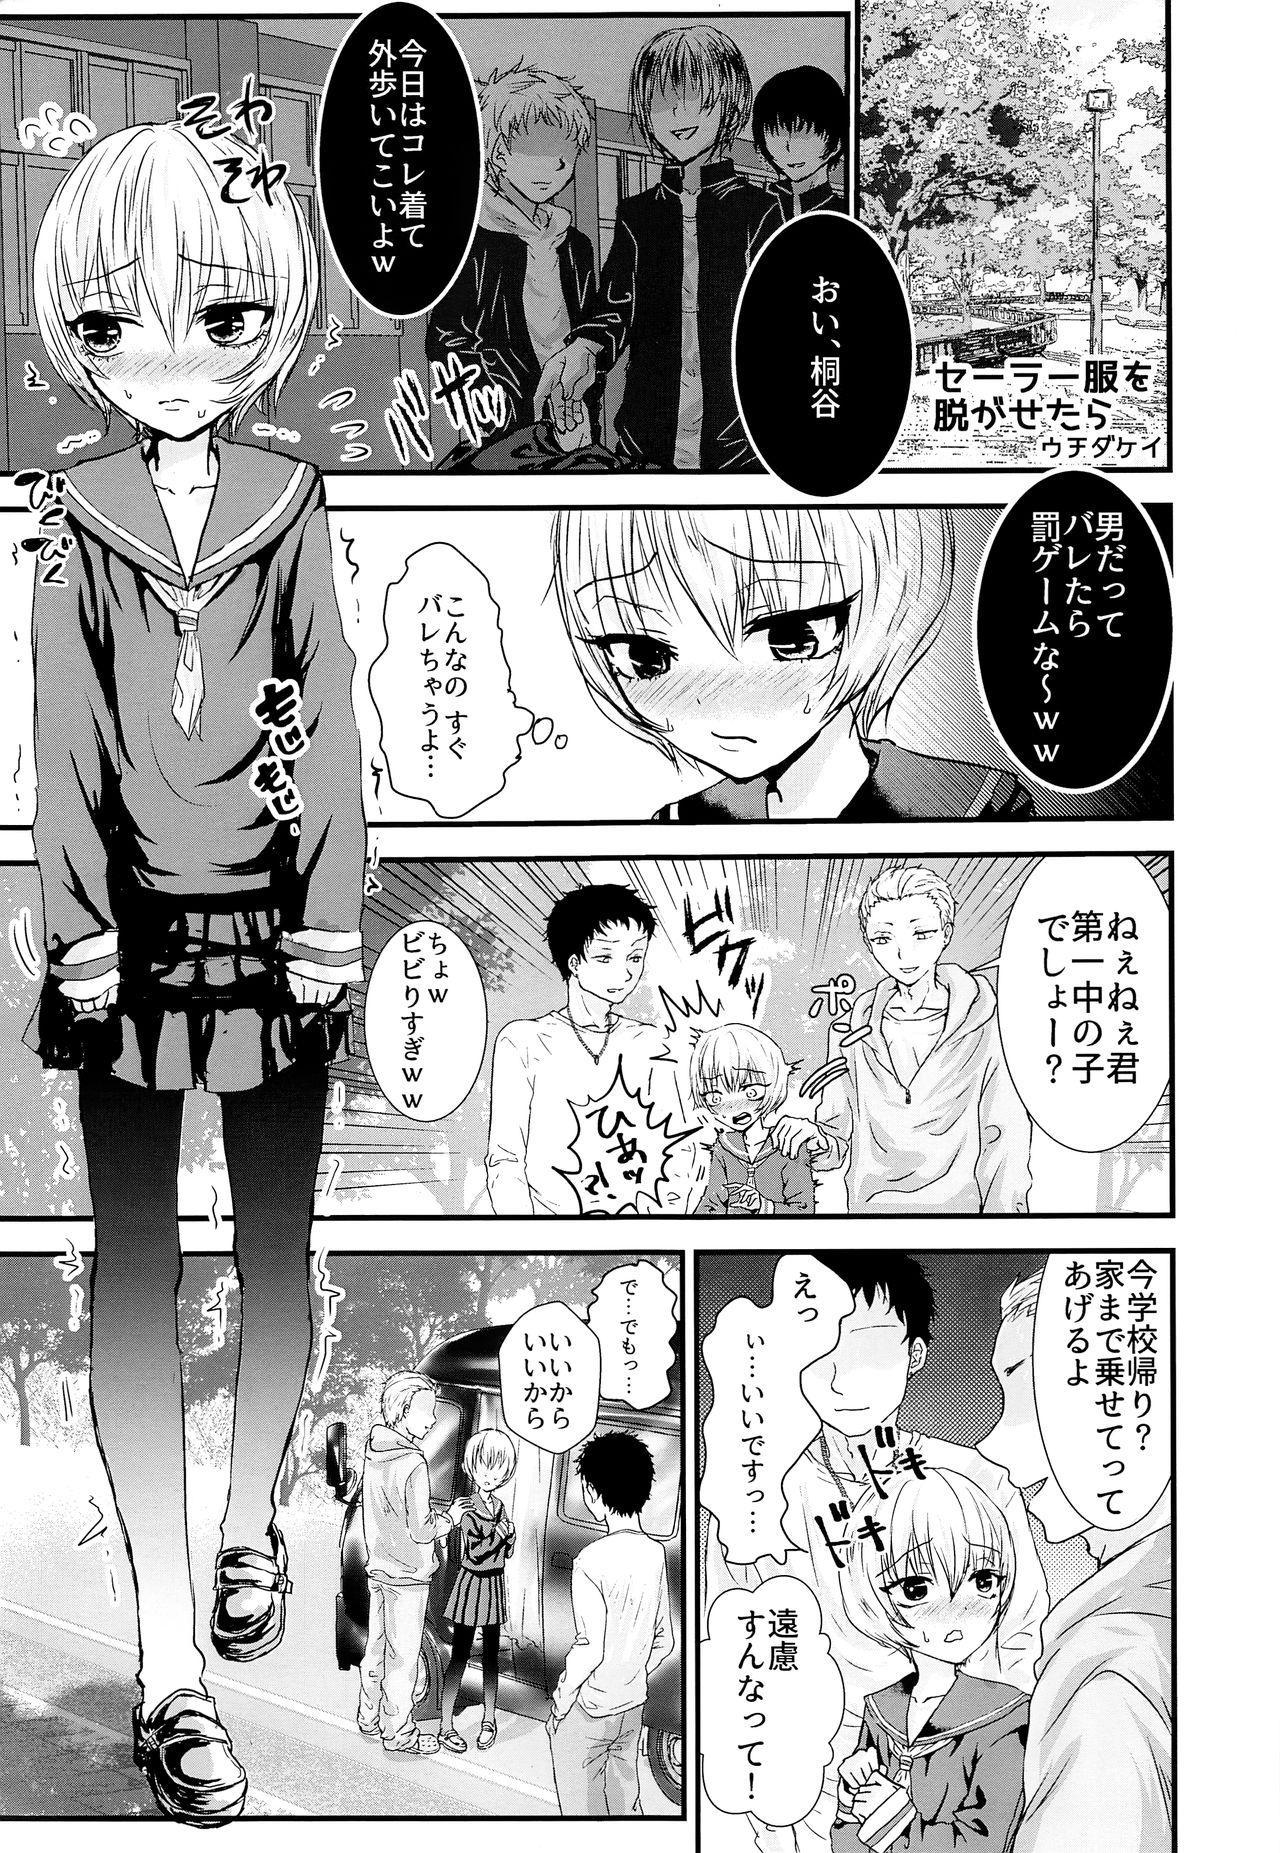 Sailor Fuku o Nugasetara 3